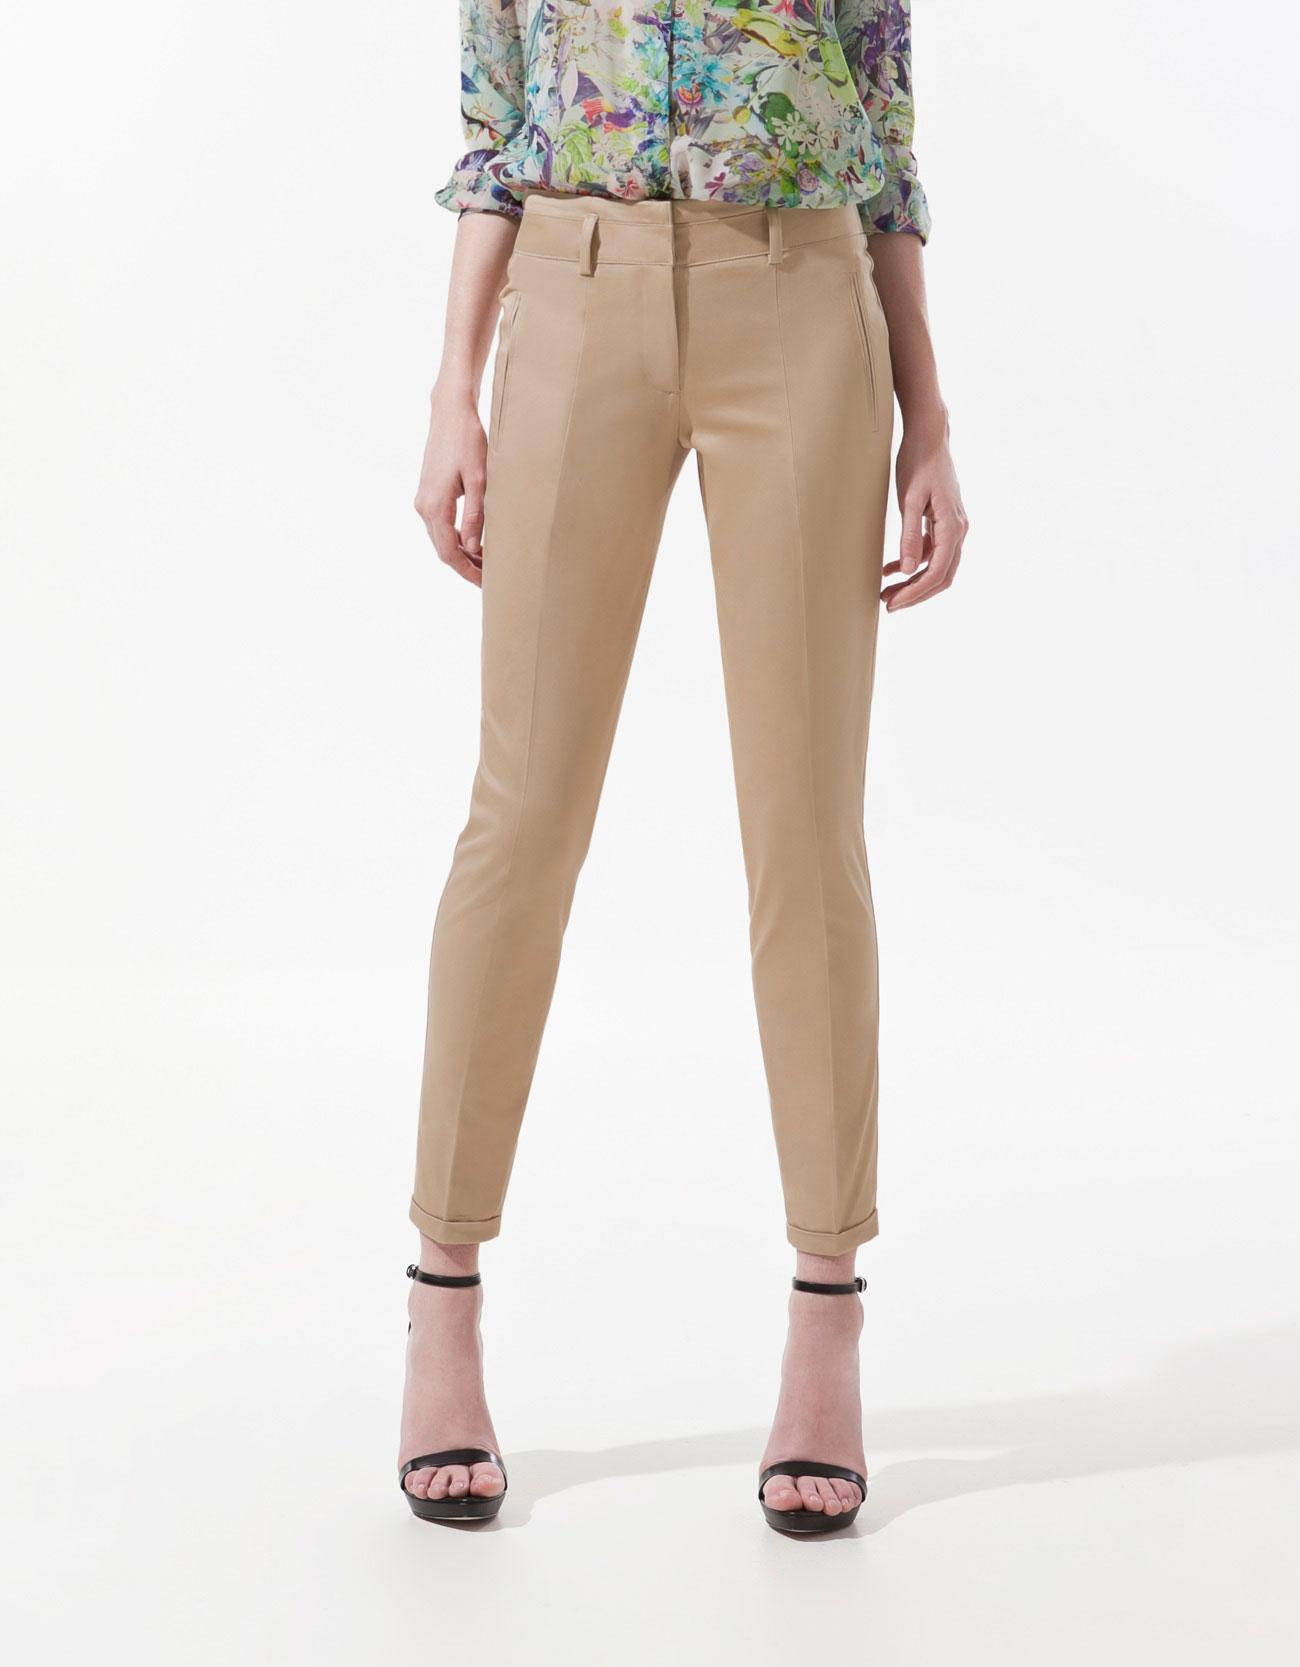 Zara Twill Capri Pants in Natural | Lyst